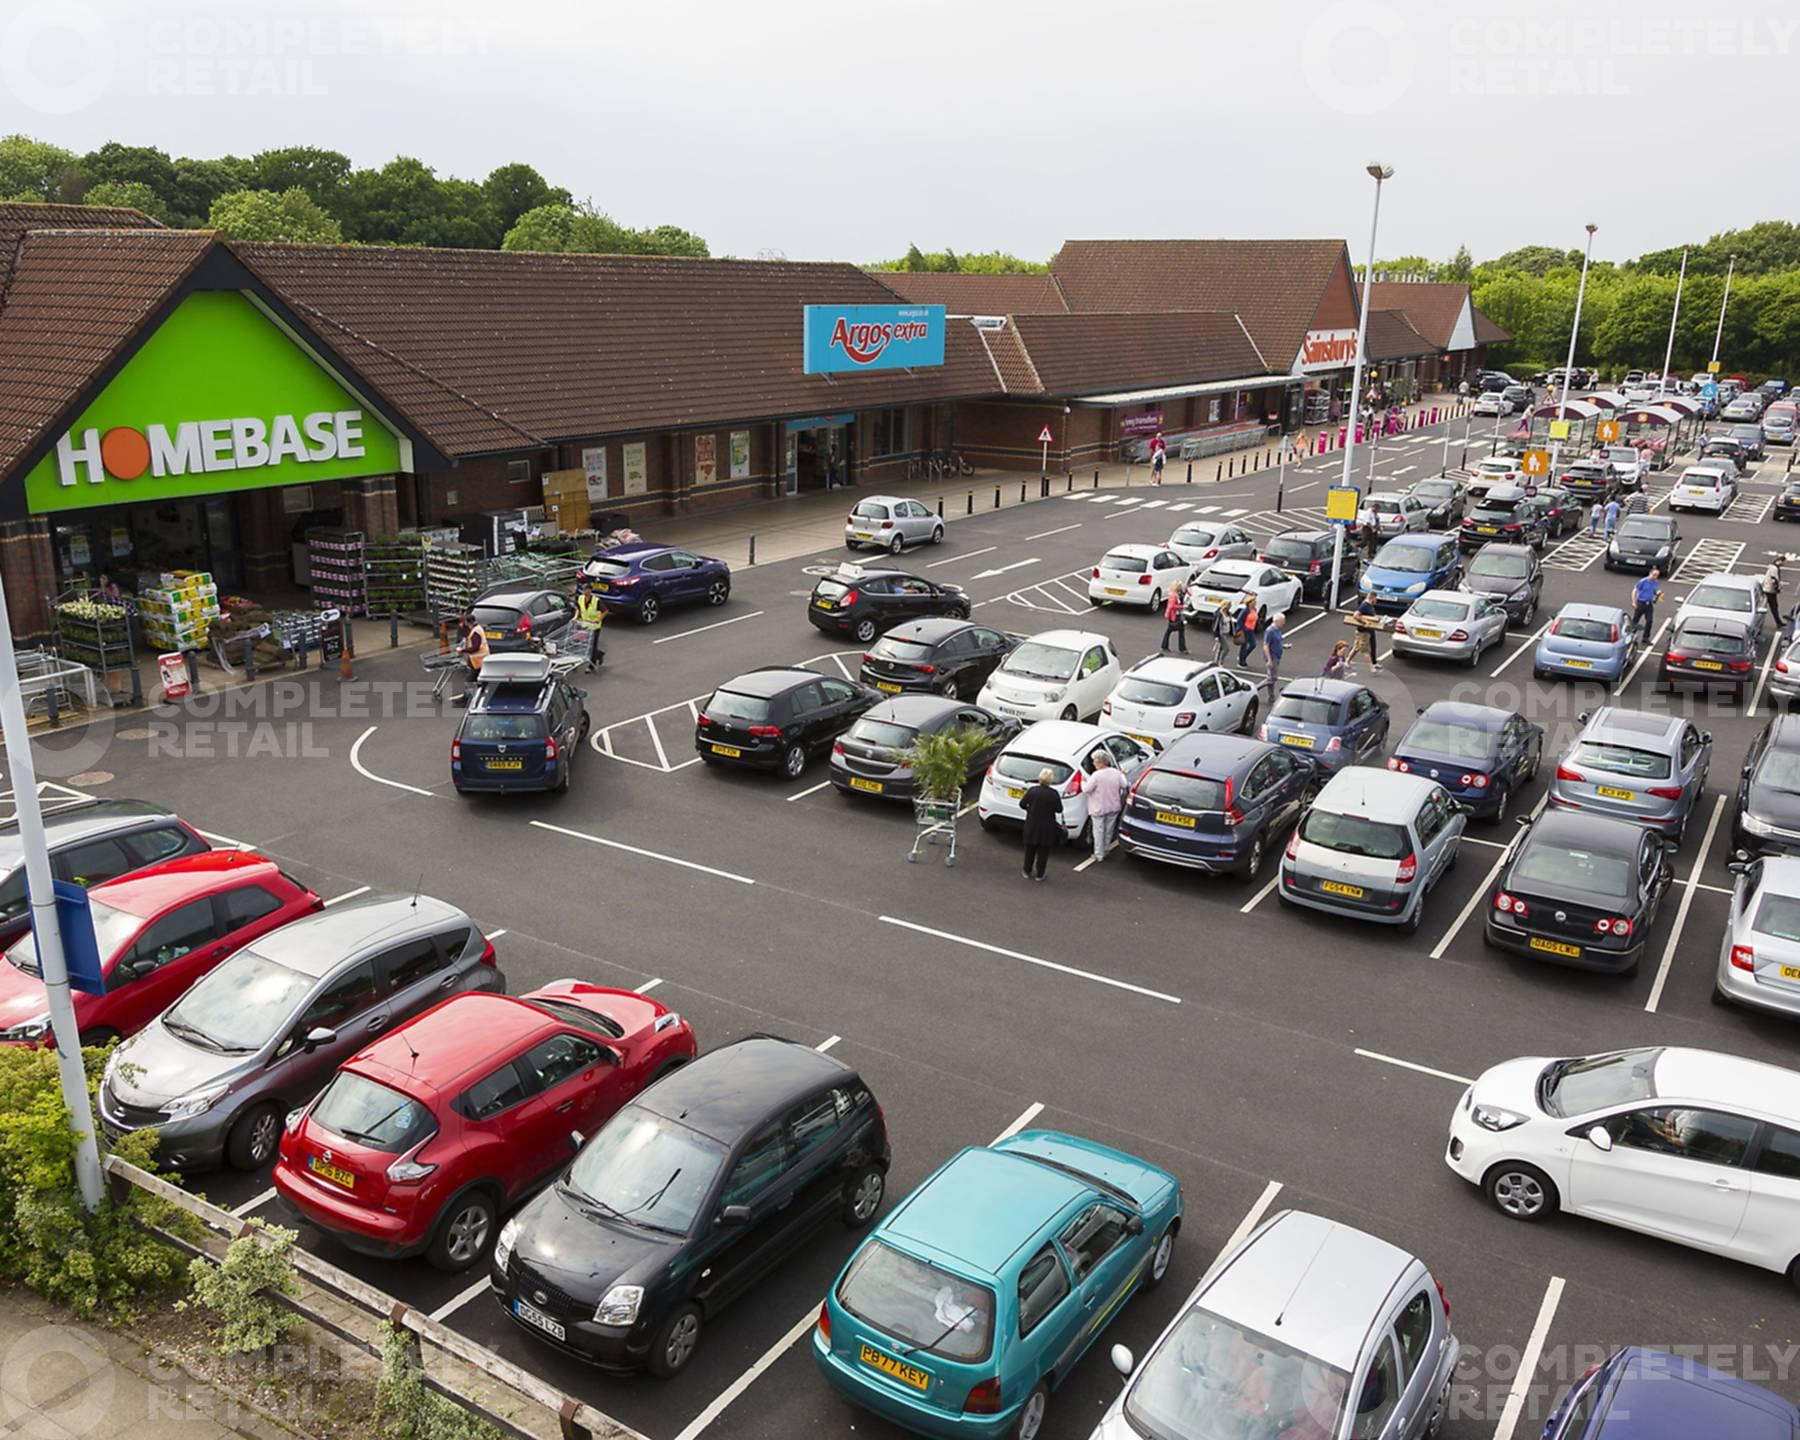 Upton Retail Park